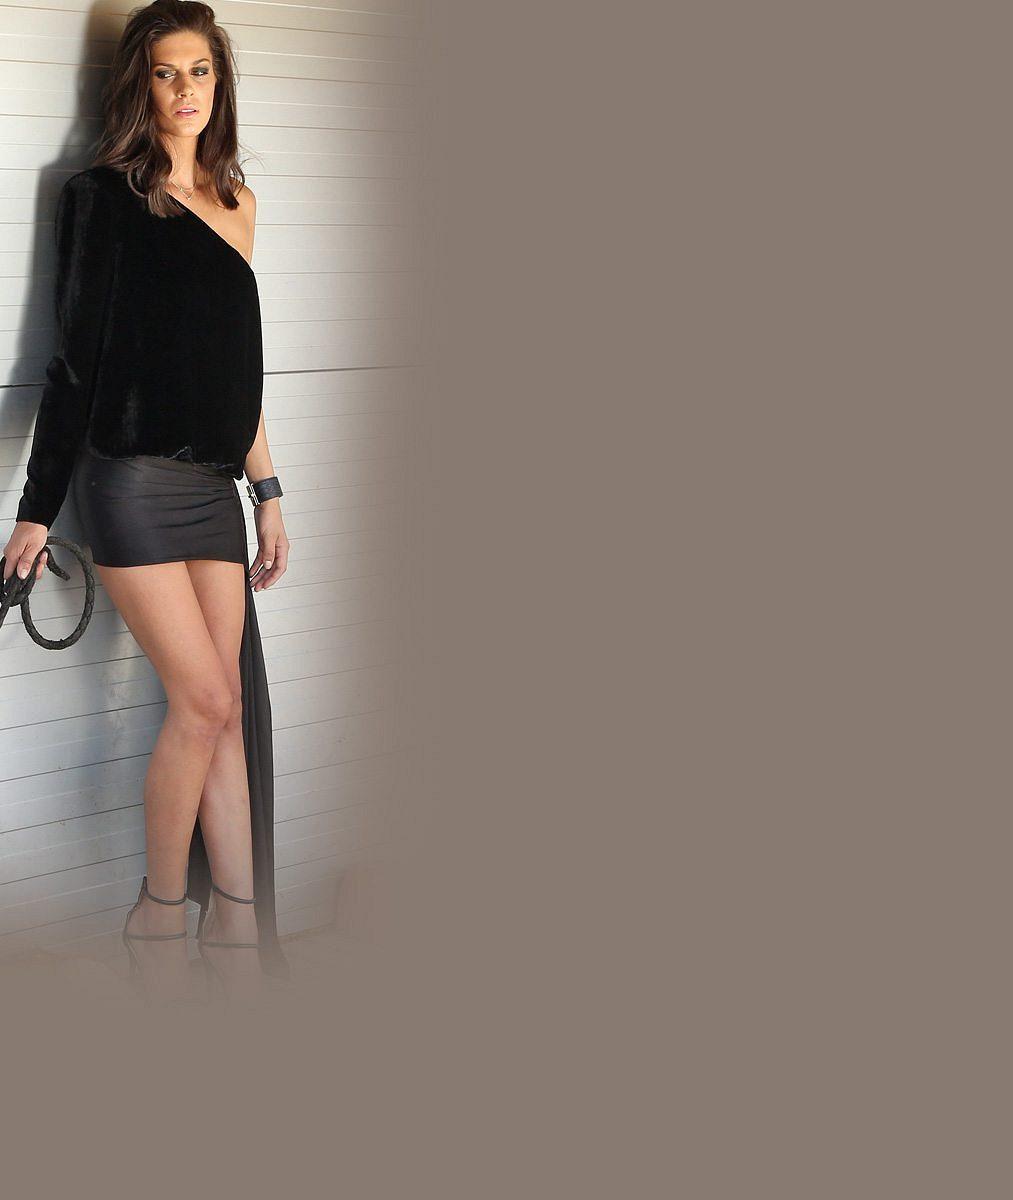 Vignerová prozradila svého kluka na Instagramu. Královna krásy exkluzivně potvrdila vztah se scenáristou seriálu Most!